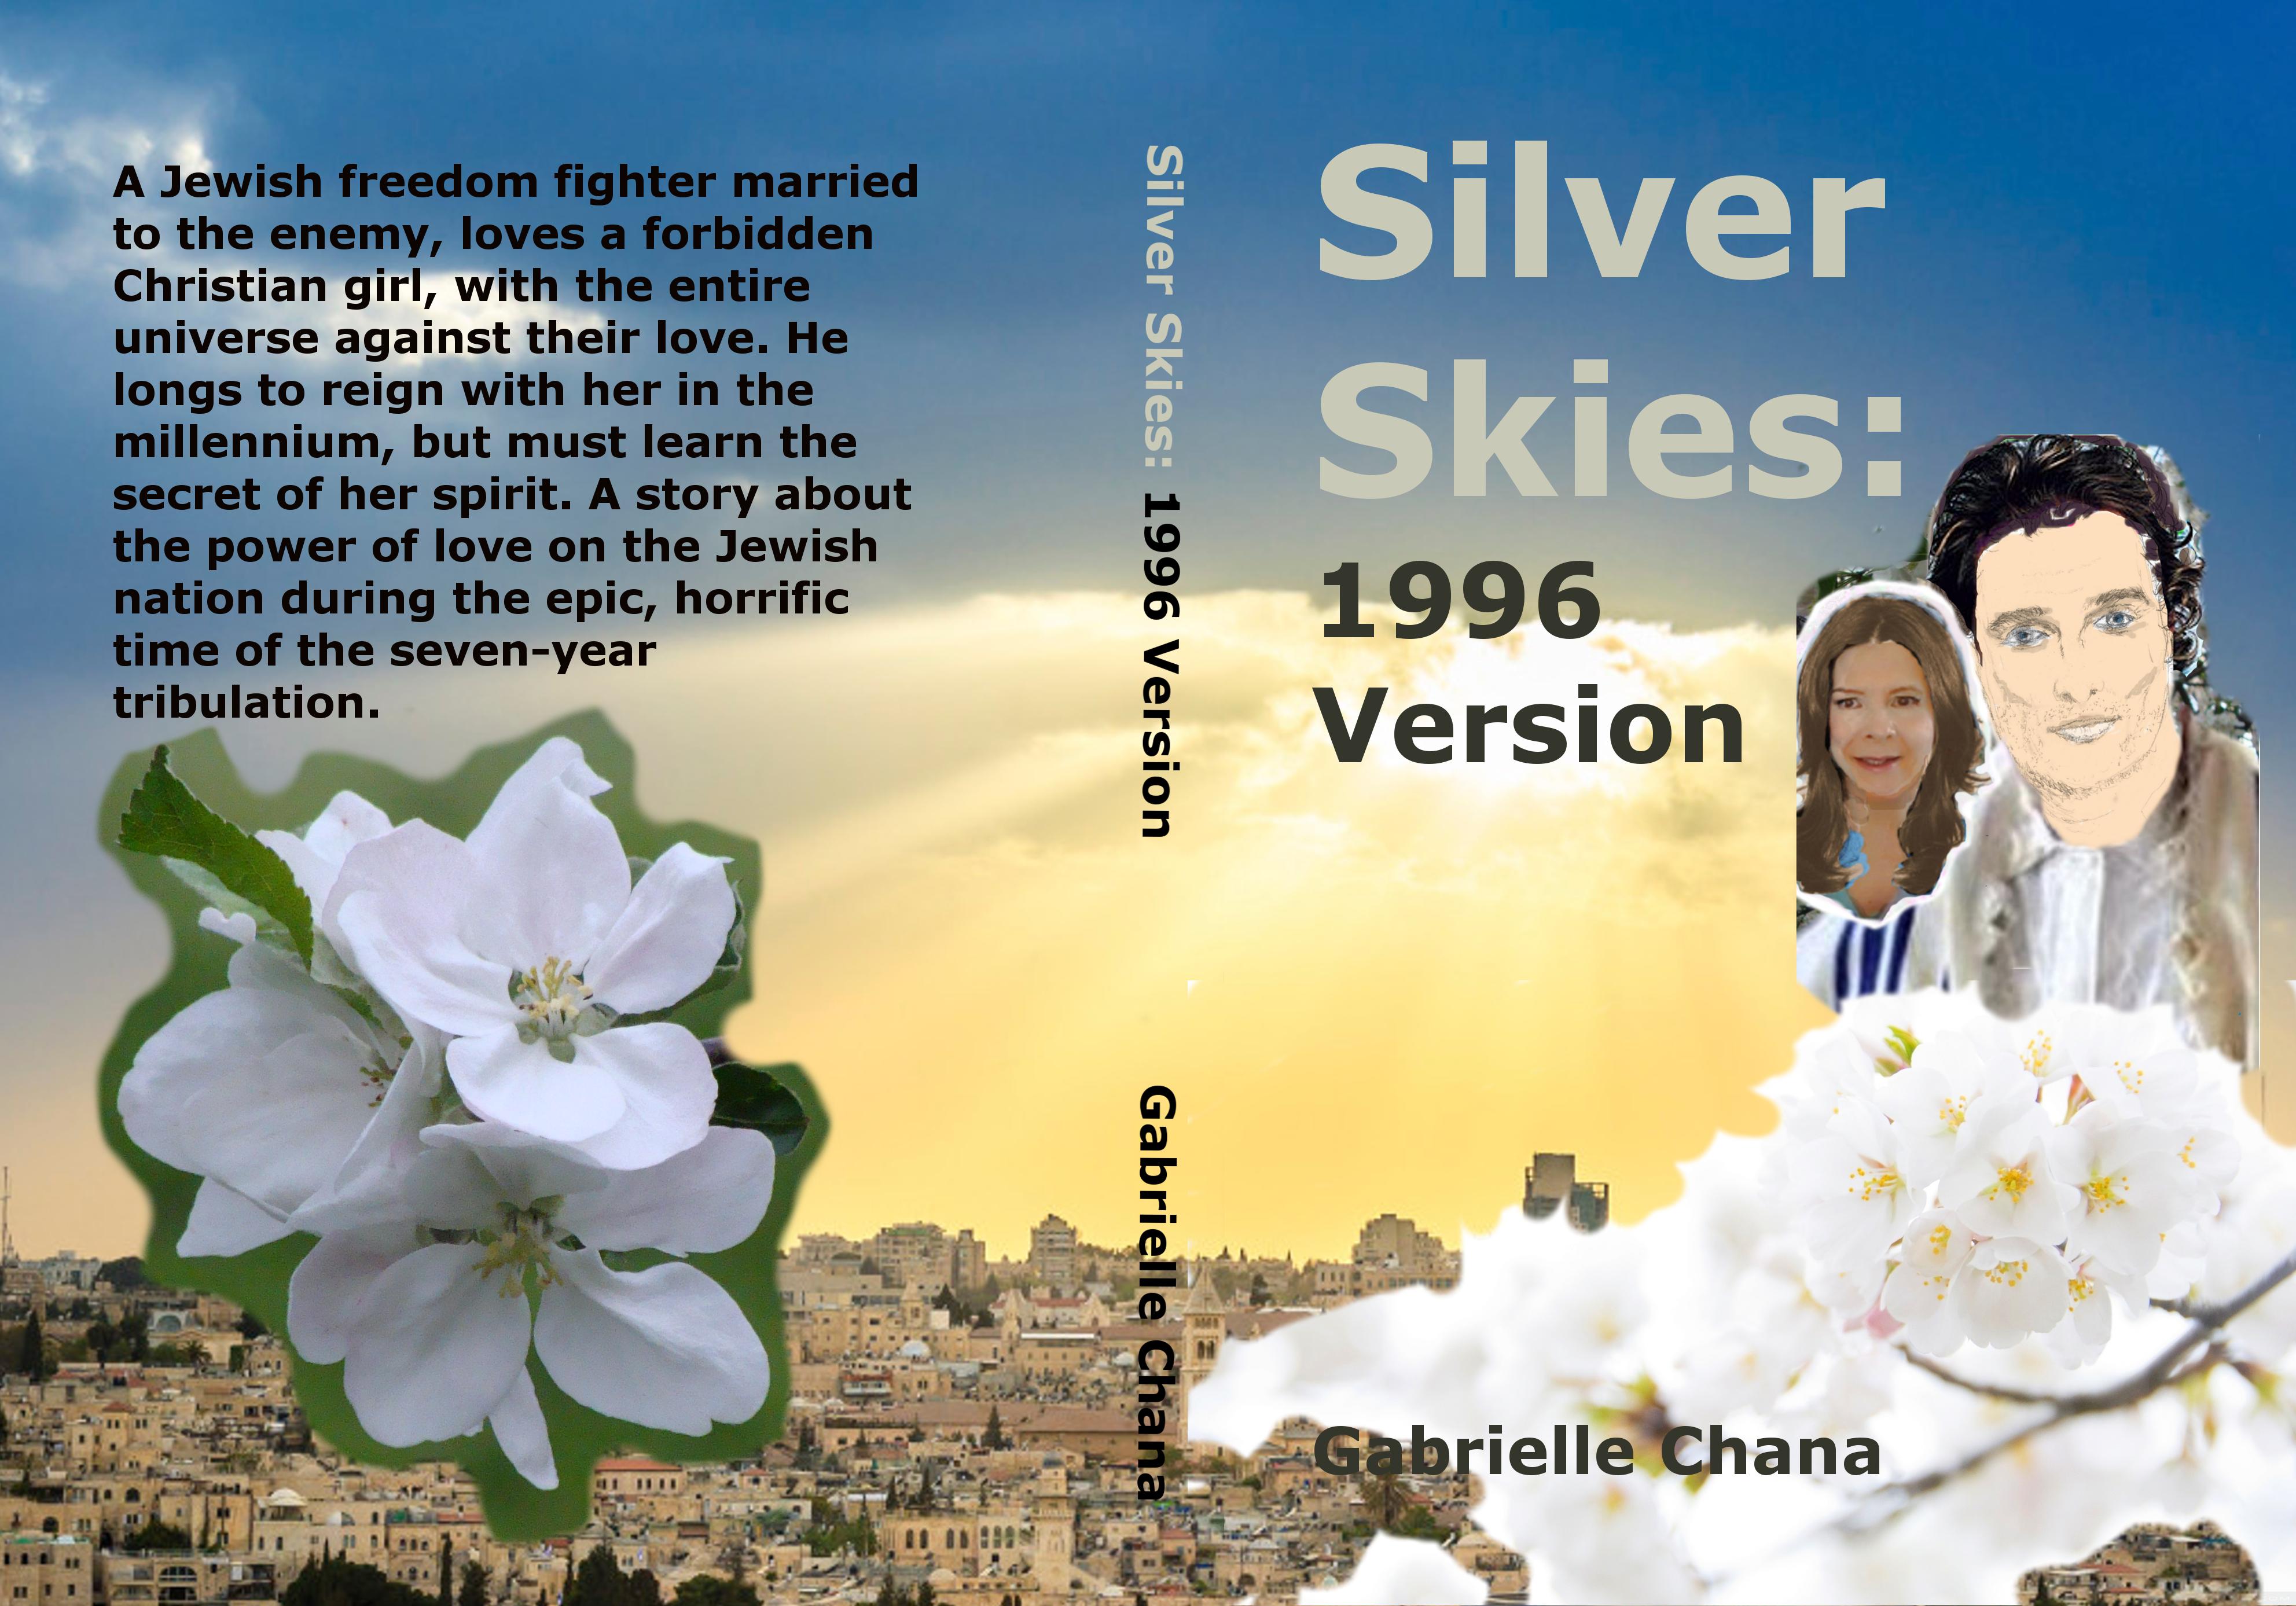 Silver Skies 11022018 1996 Version